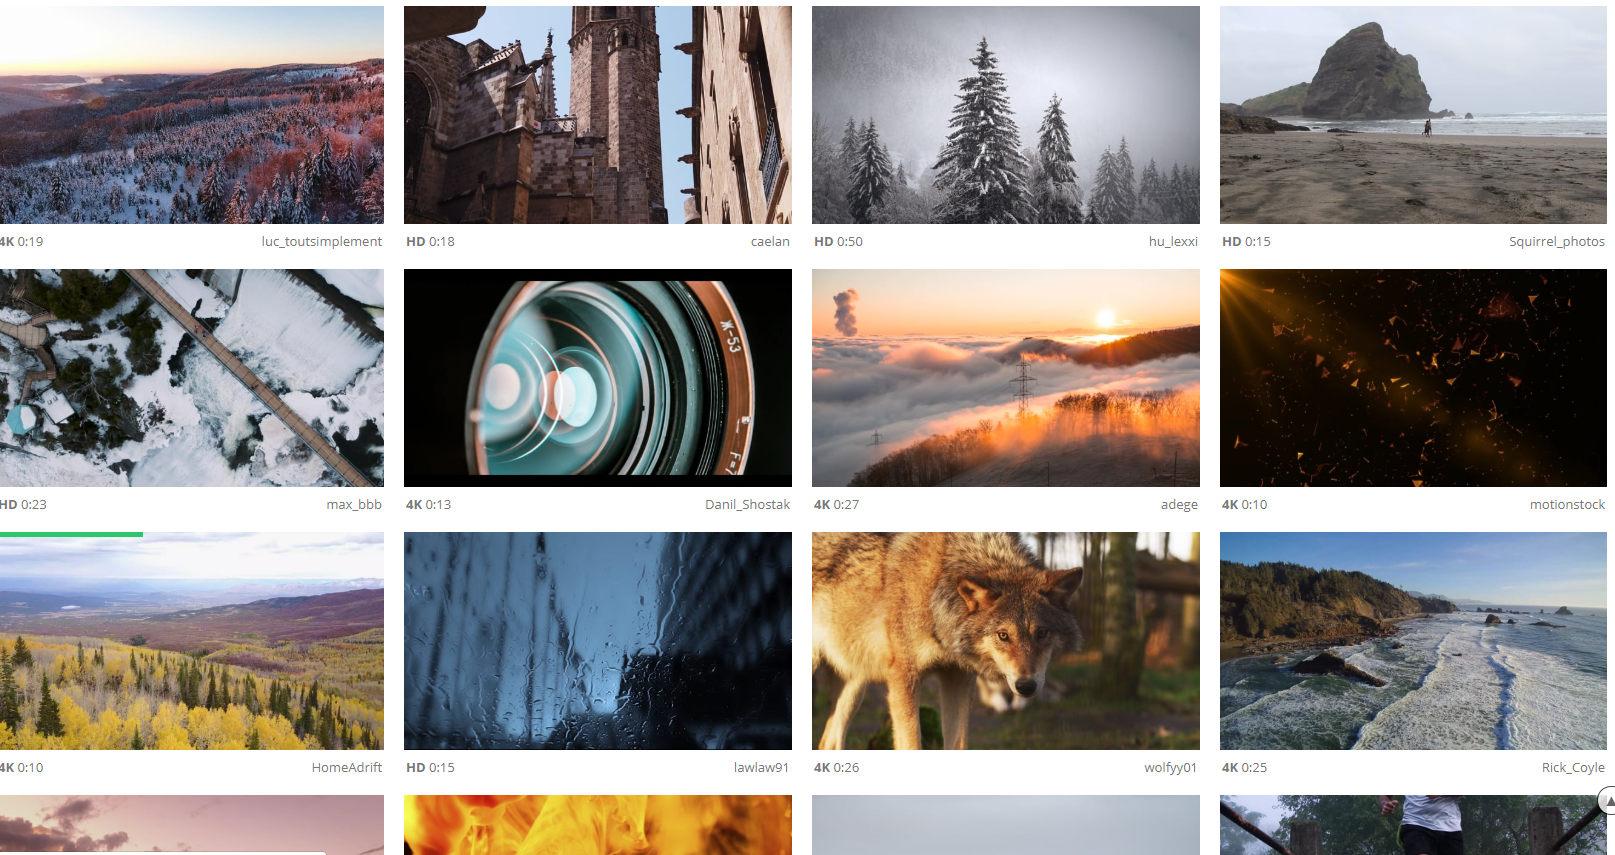 اقوى موقع فيديوهات مونتاج مجانيه اقوى 10 مواقع لتحميل فيديوهات مجانيه للمونتاج